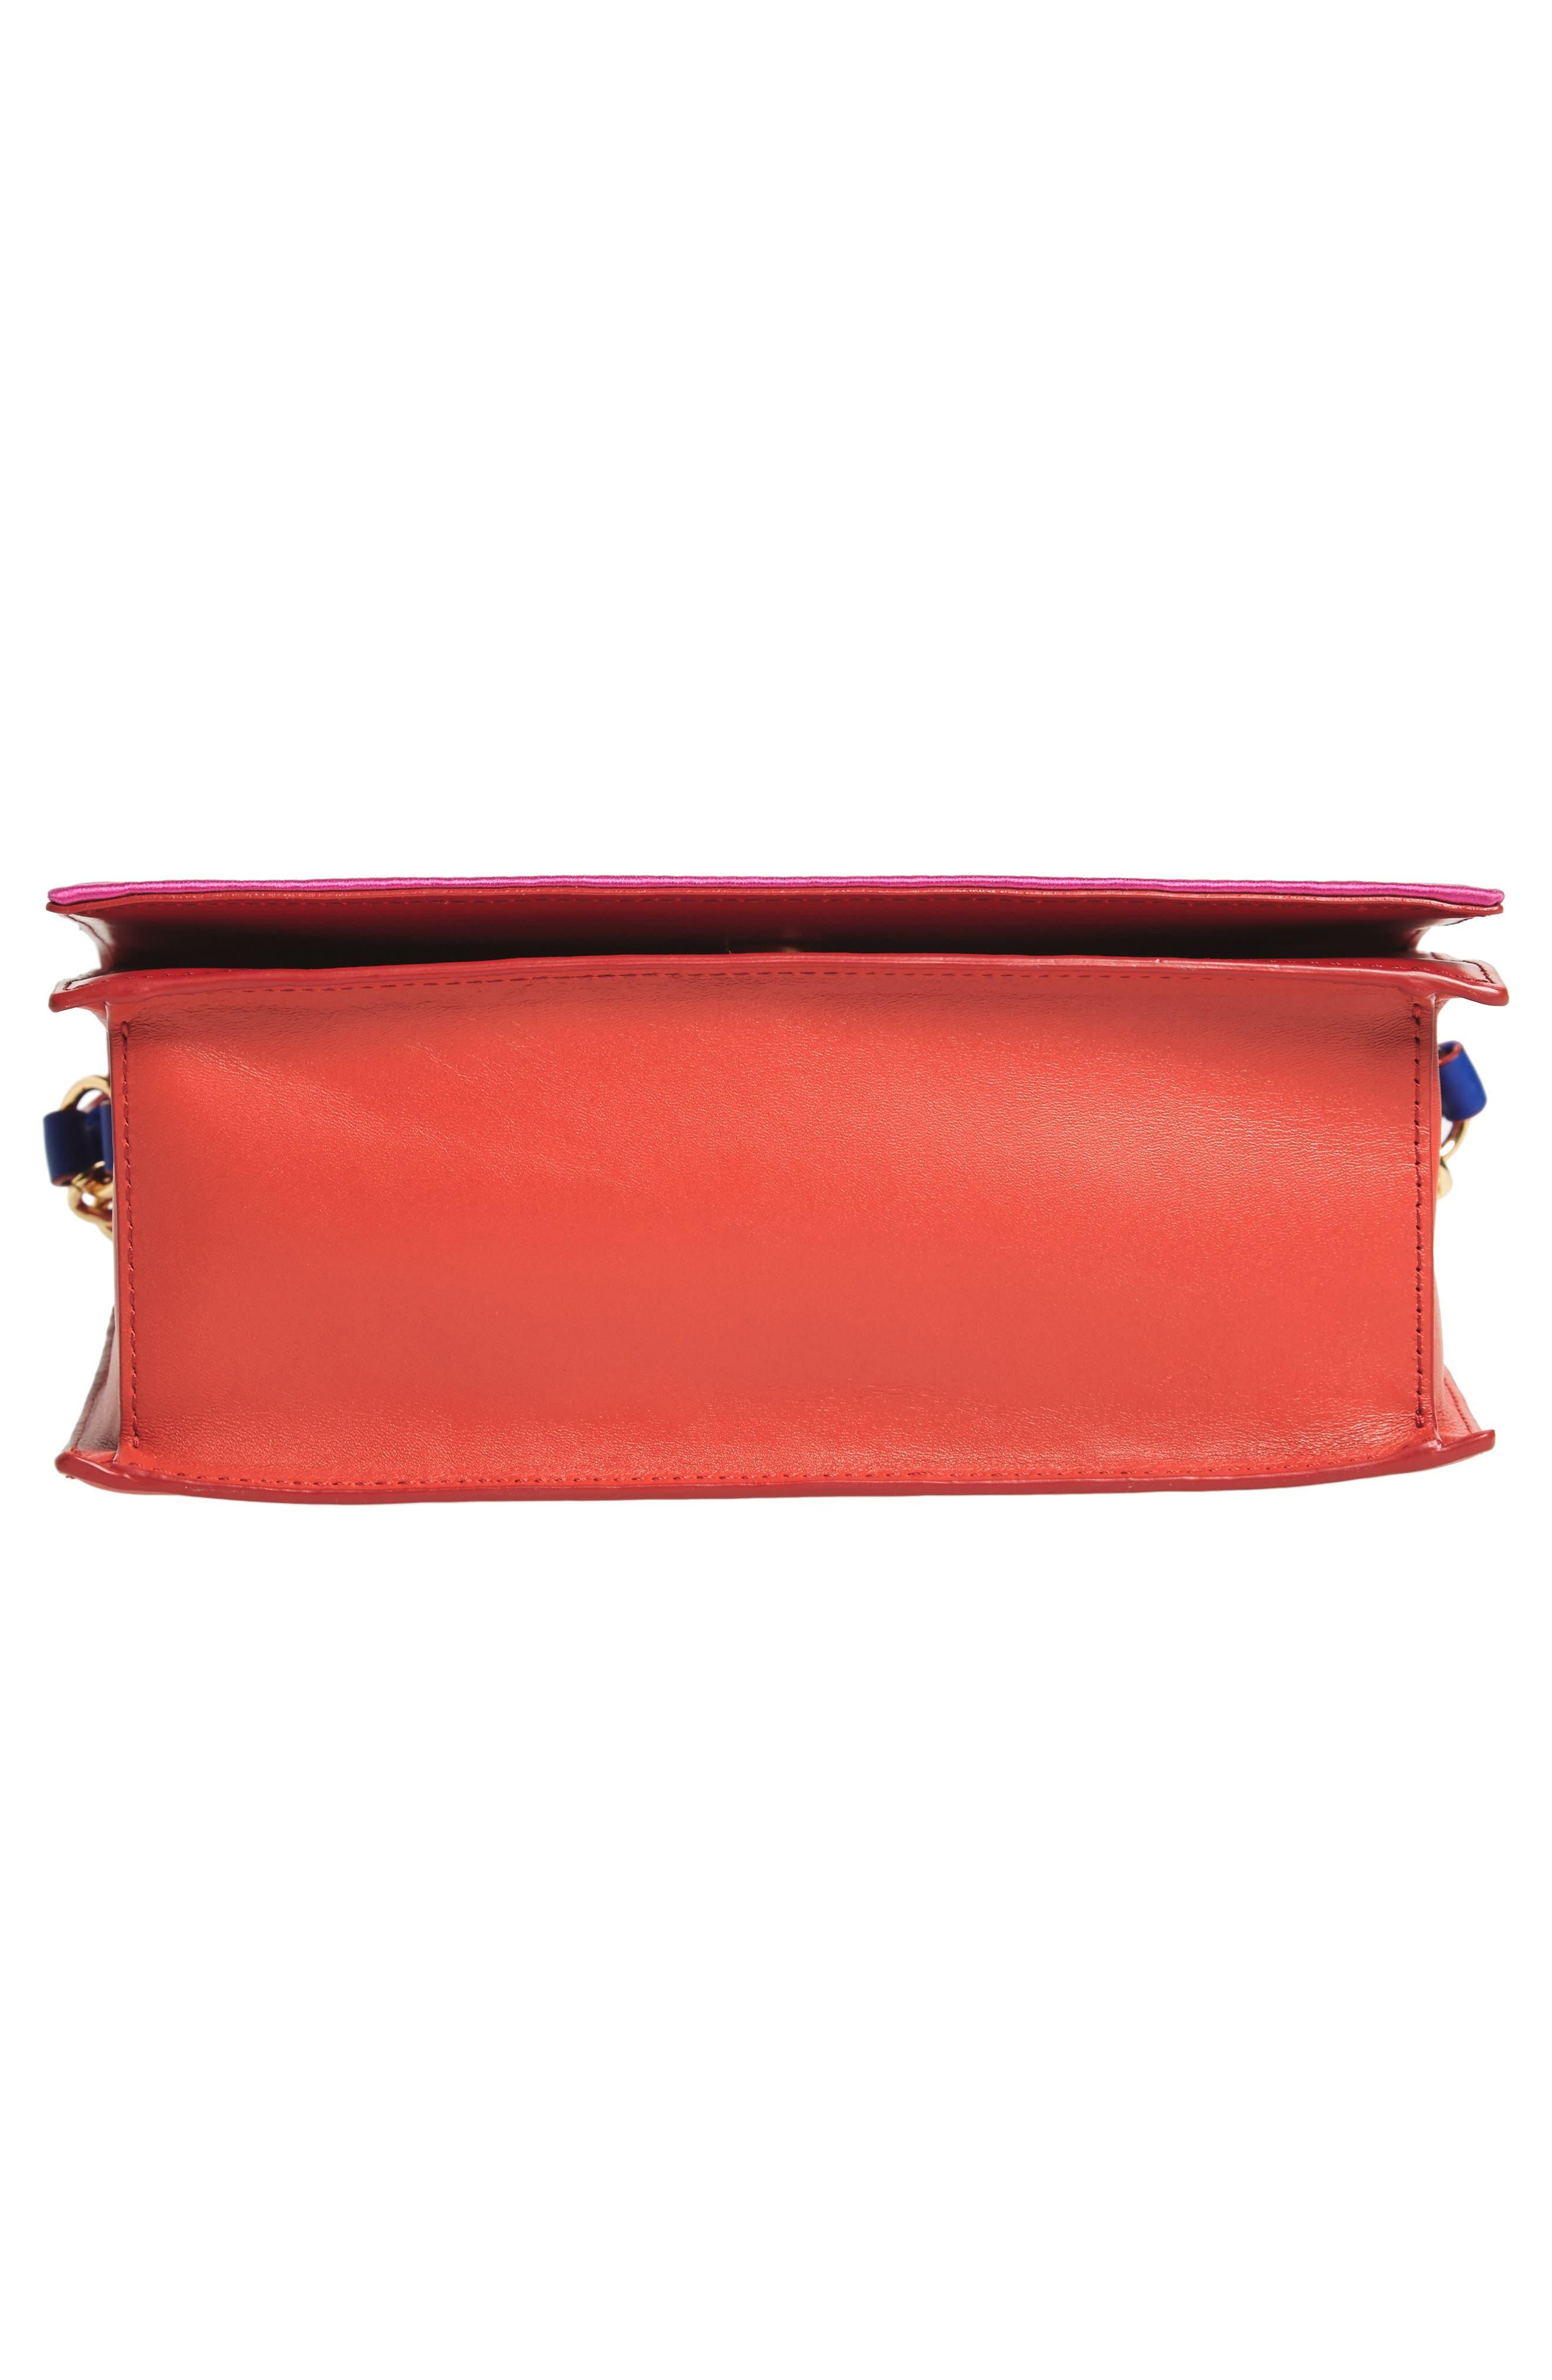 Soirée Satin & Leather Top Handle Bag,                             Alternate thumbnail 6, color,                             673